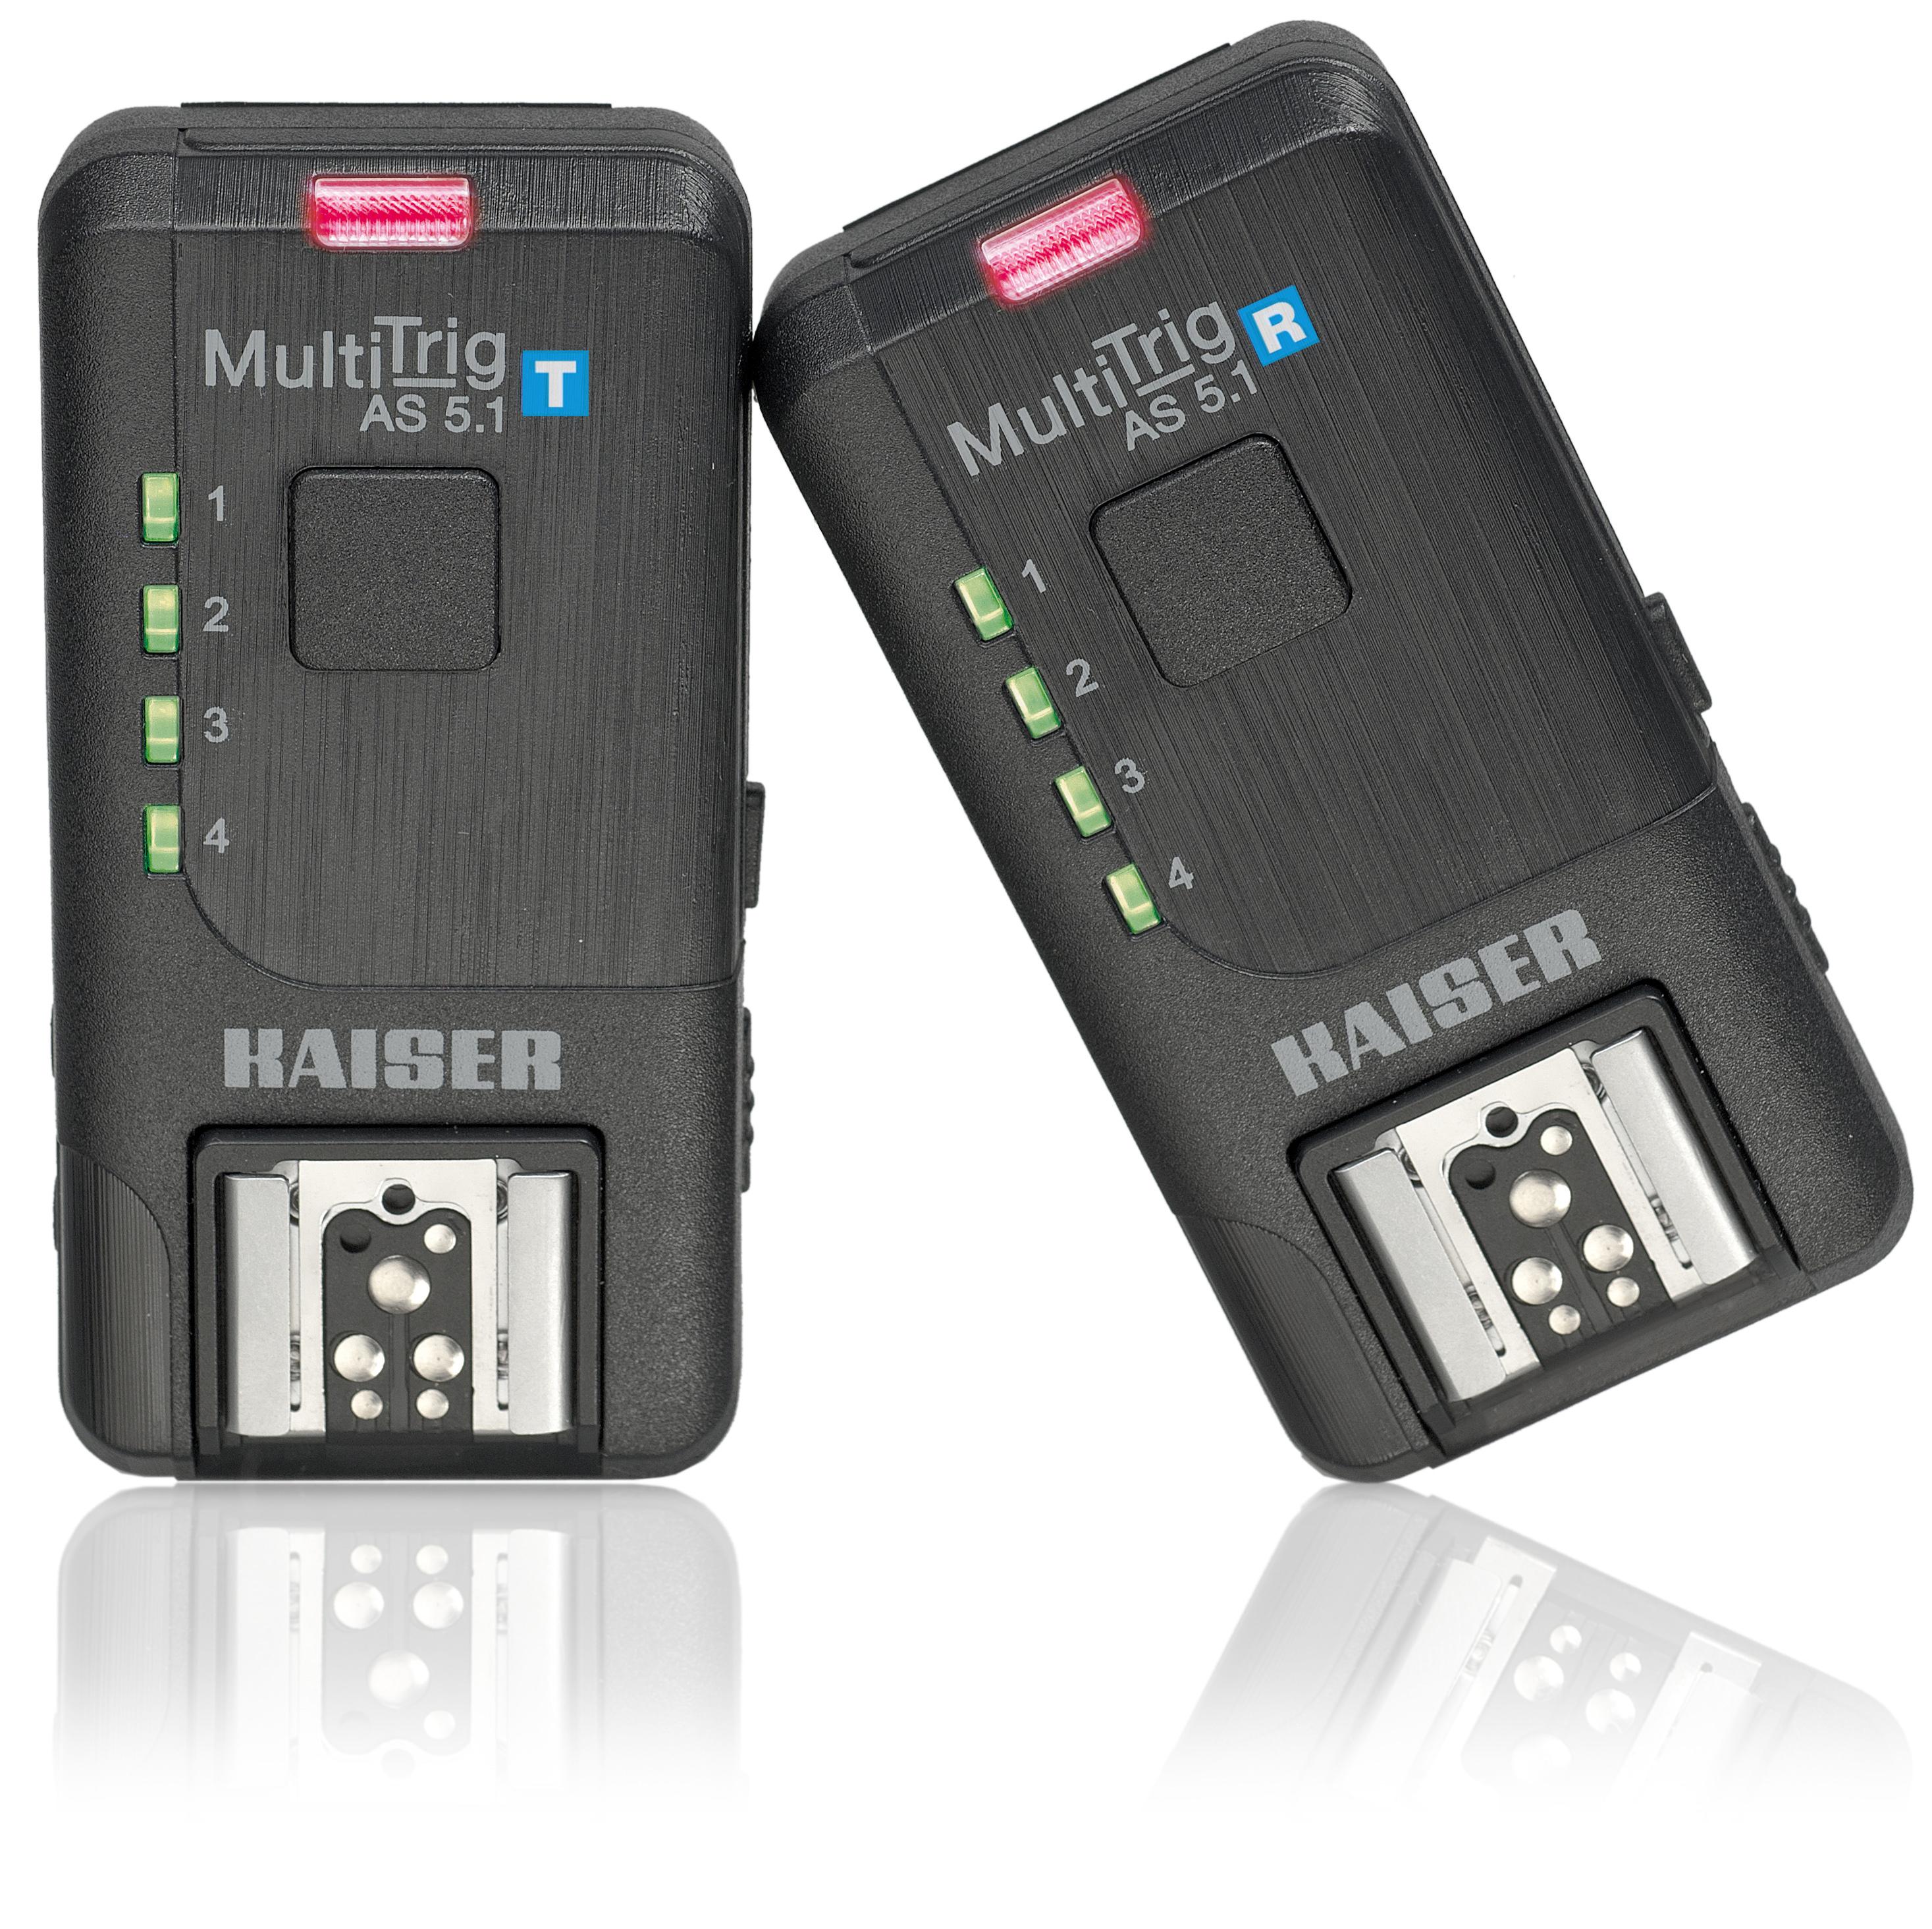 Kaiser Funkauslöser-Set MultiTrig AS 5.1 für Kamera oder Blitz